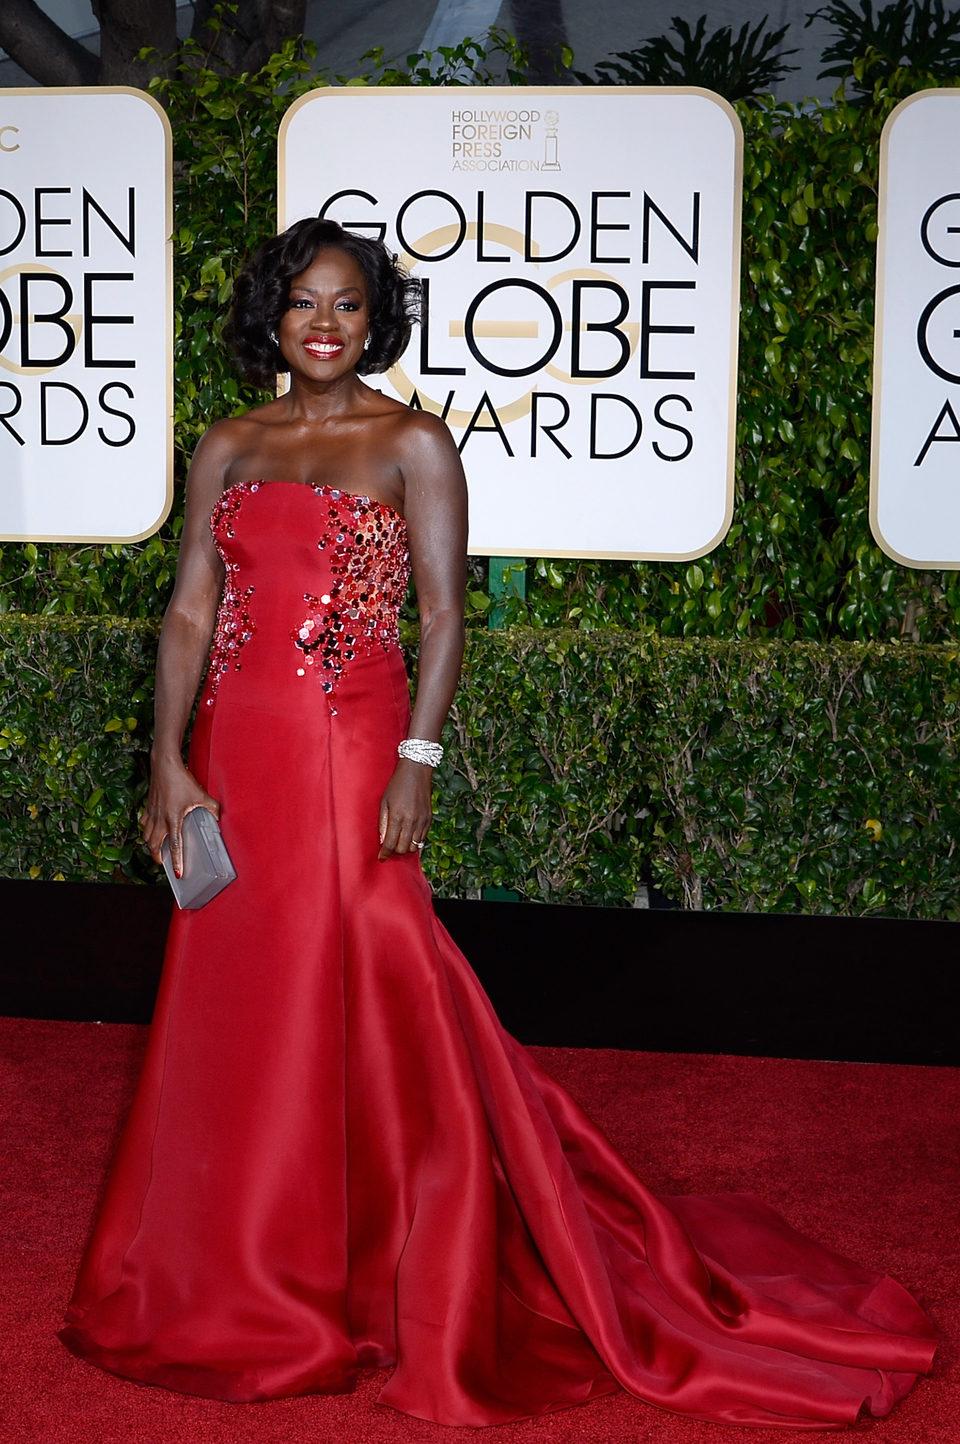 Viola Davis at the Golden Globes 2015 red carpet